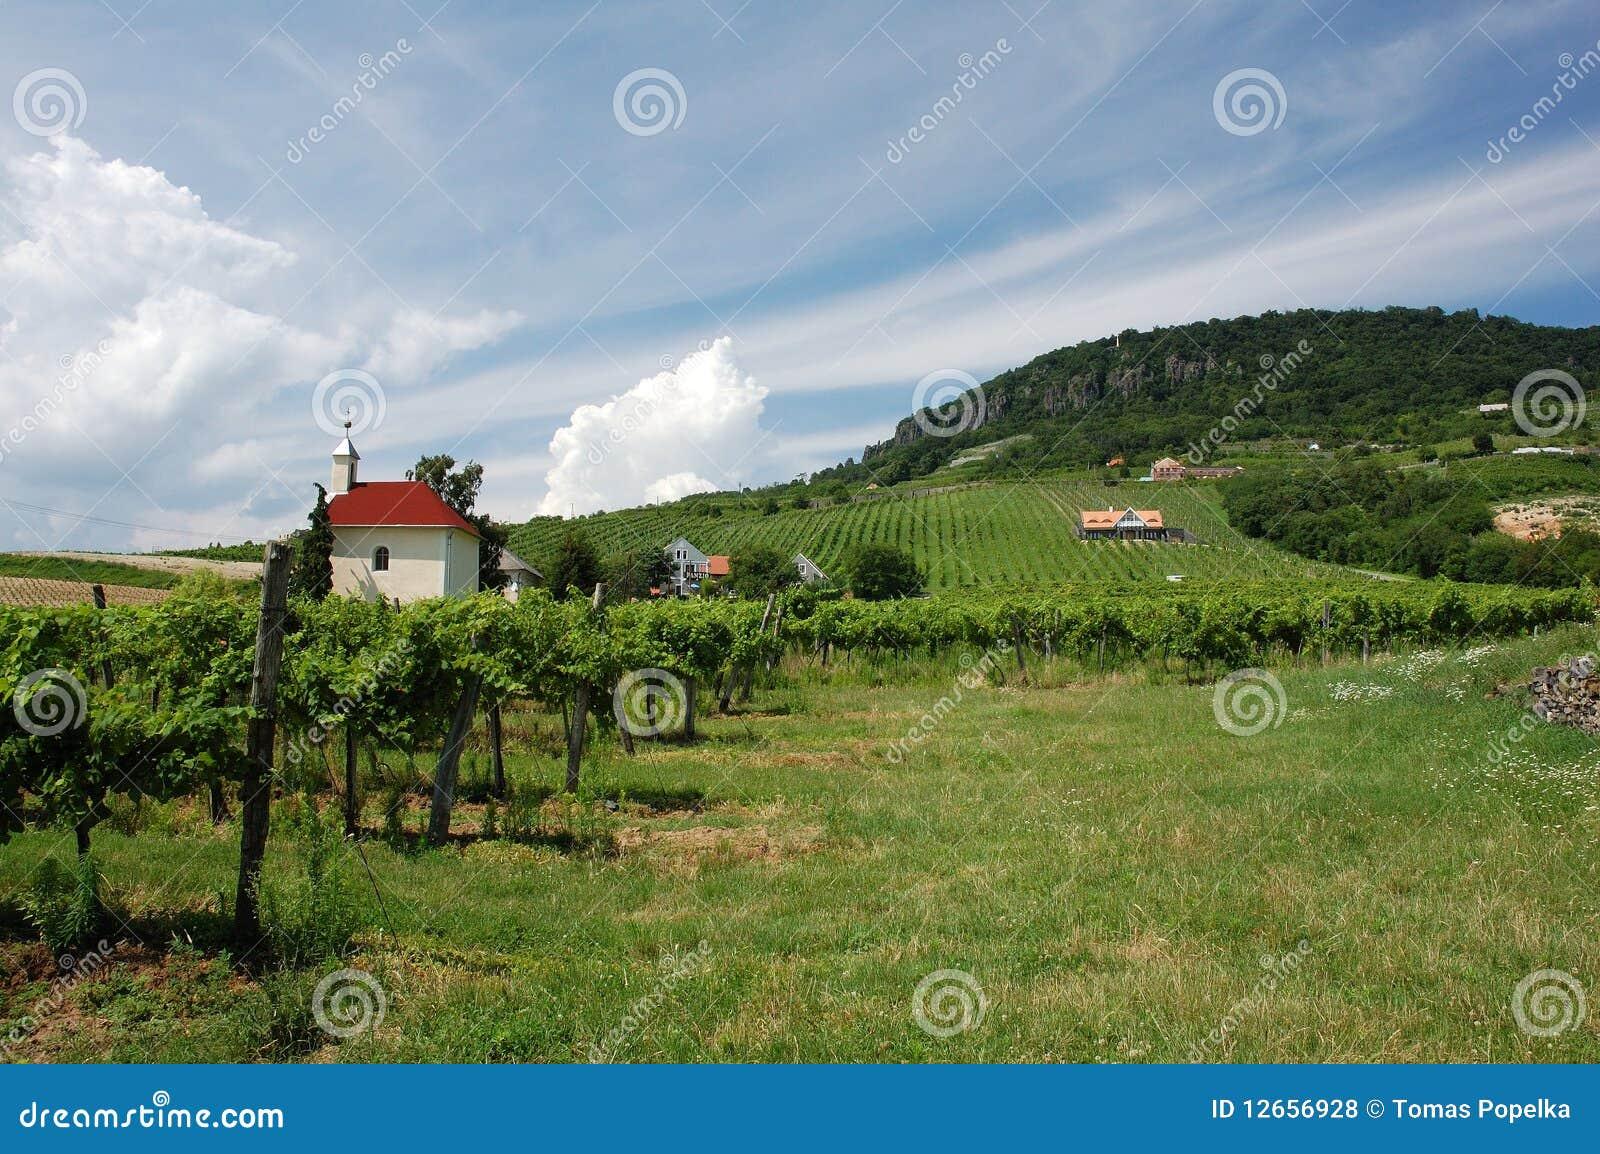 Vineyard near Balaton